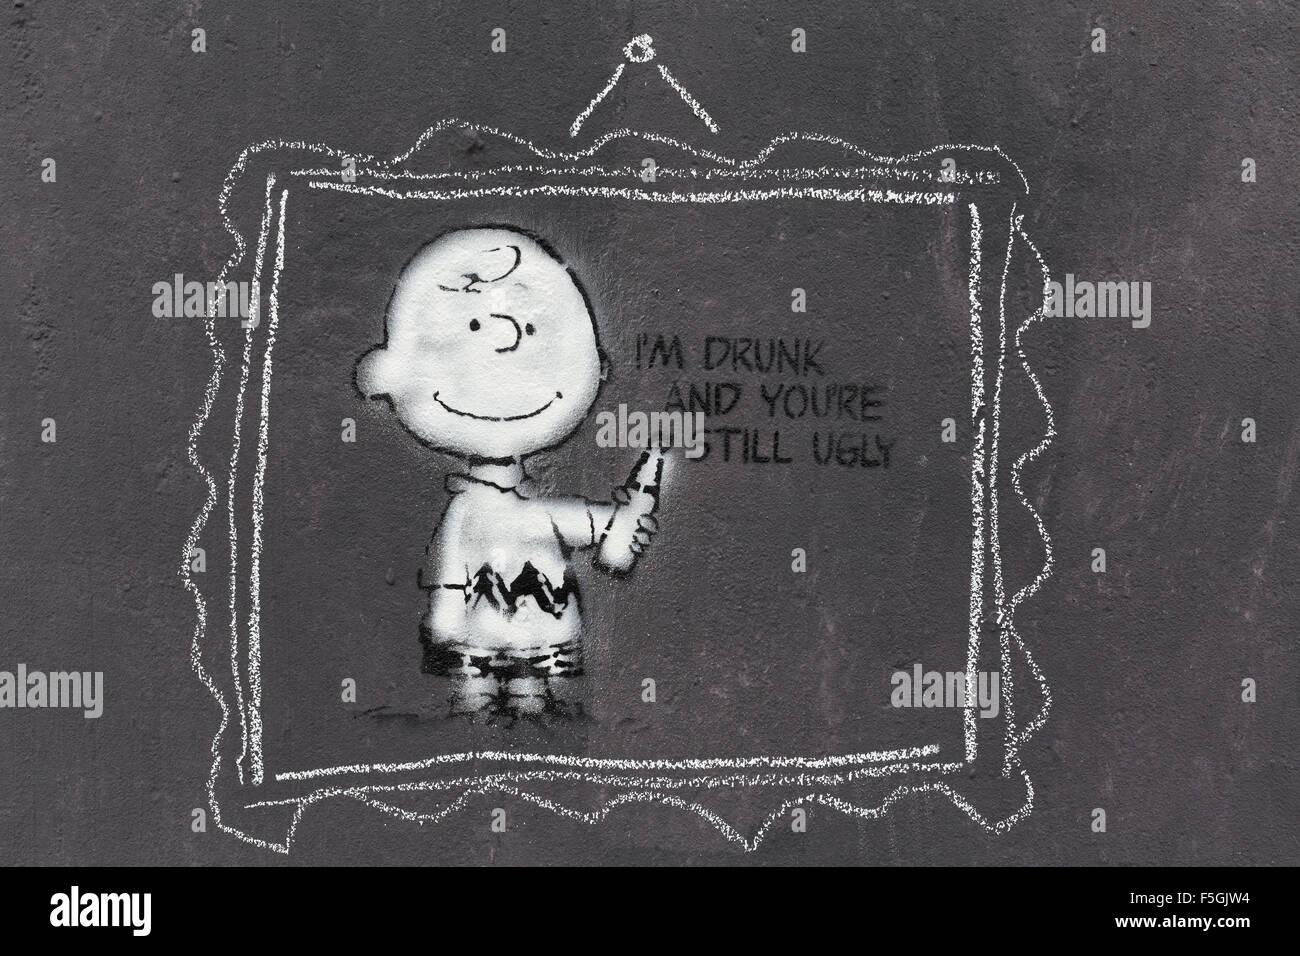 Comicfigur Charlie Brown mit lustig Spruch, Graffito von Streetart-Künstler L.E.T Les Enfants Terribles, Düsseldorf Stockbild